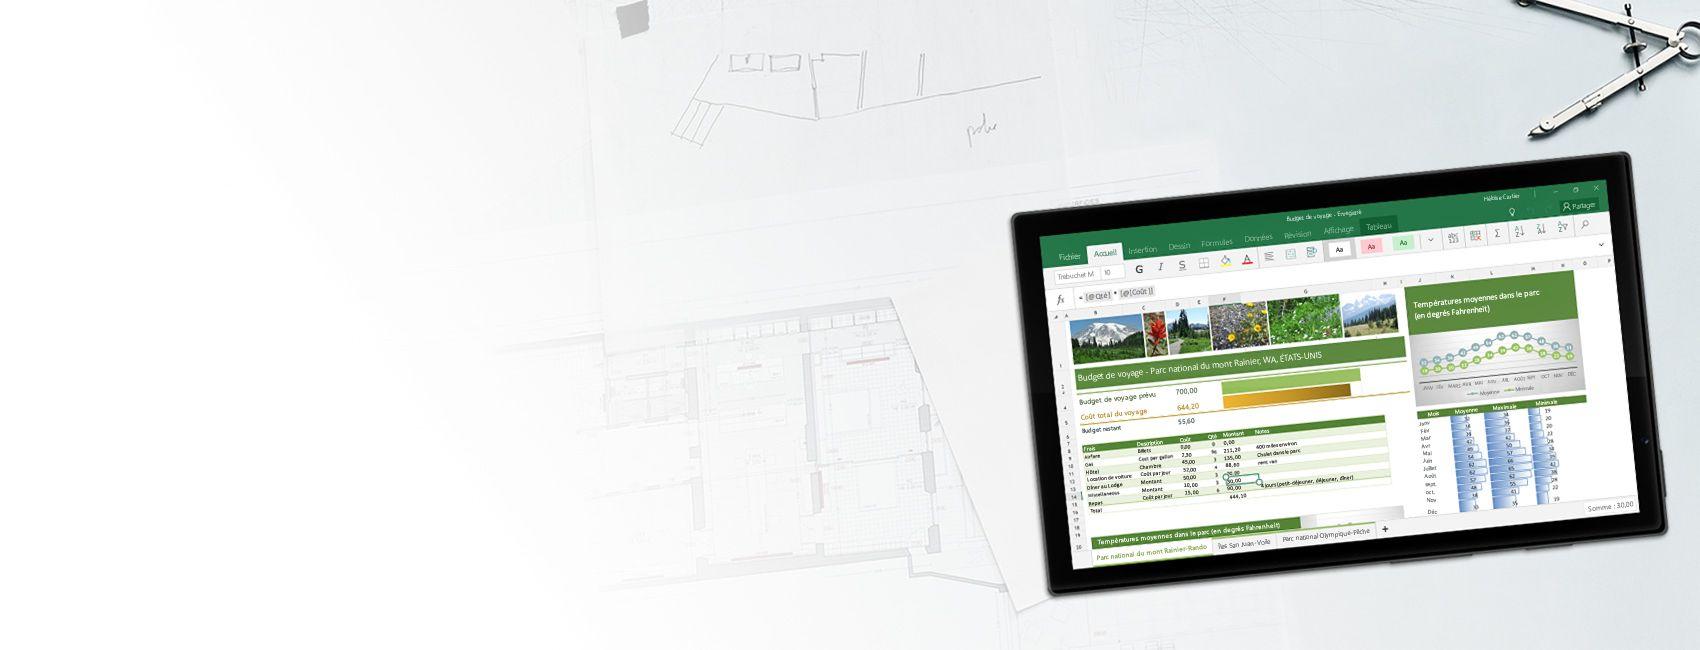 Tablette Windows affichant une feuille de calcul Excel contenant un exemple de graphique et un budget de voyage dans Excel pour Windows 10 Mobile